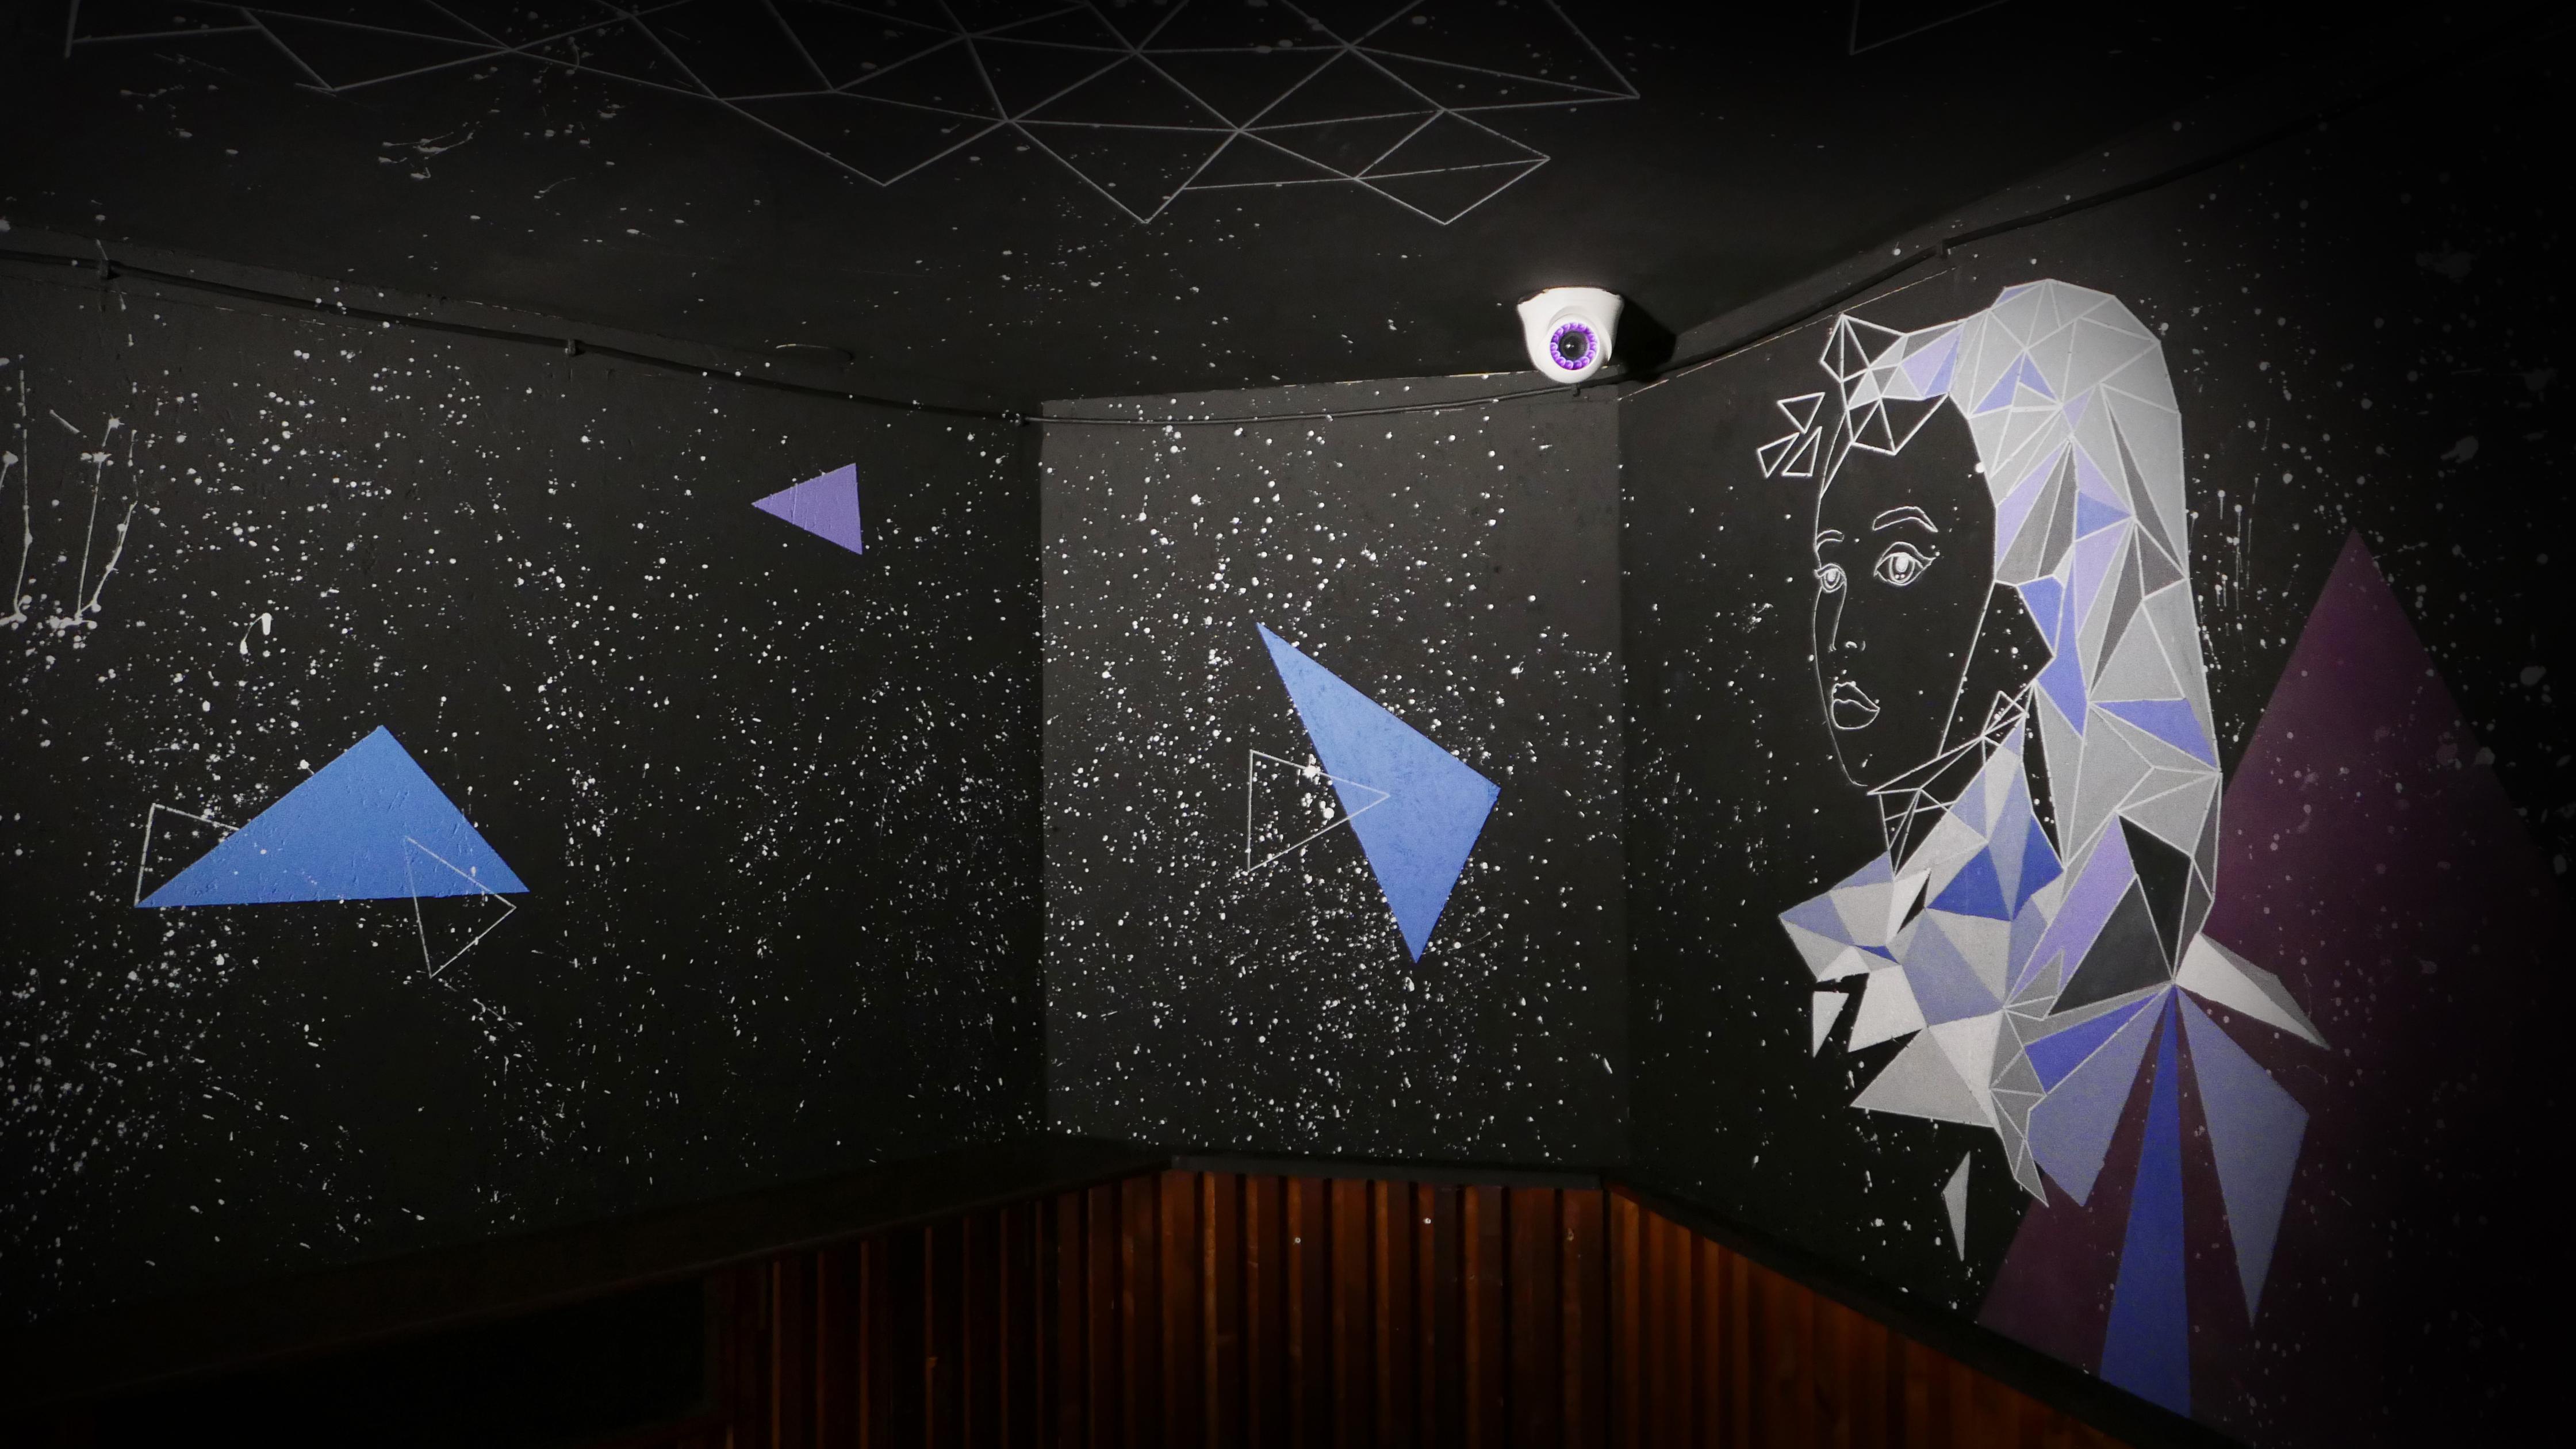 Wandgestaltung im kleinen Tanzraum